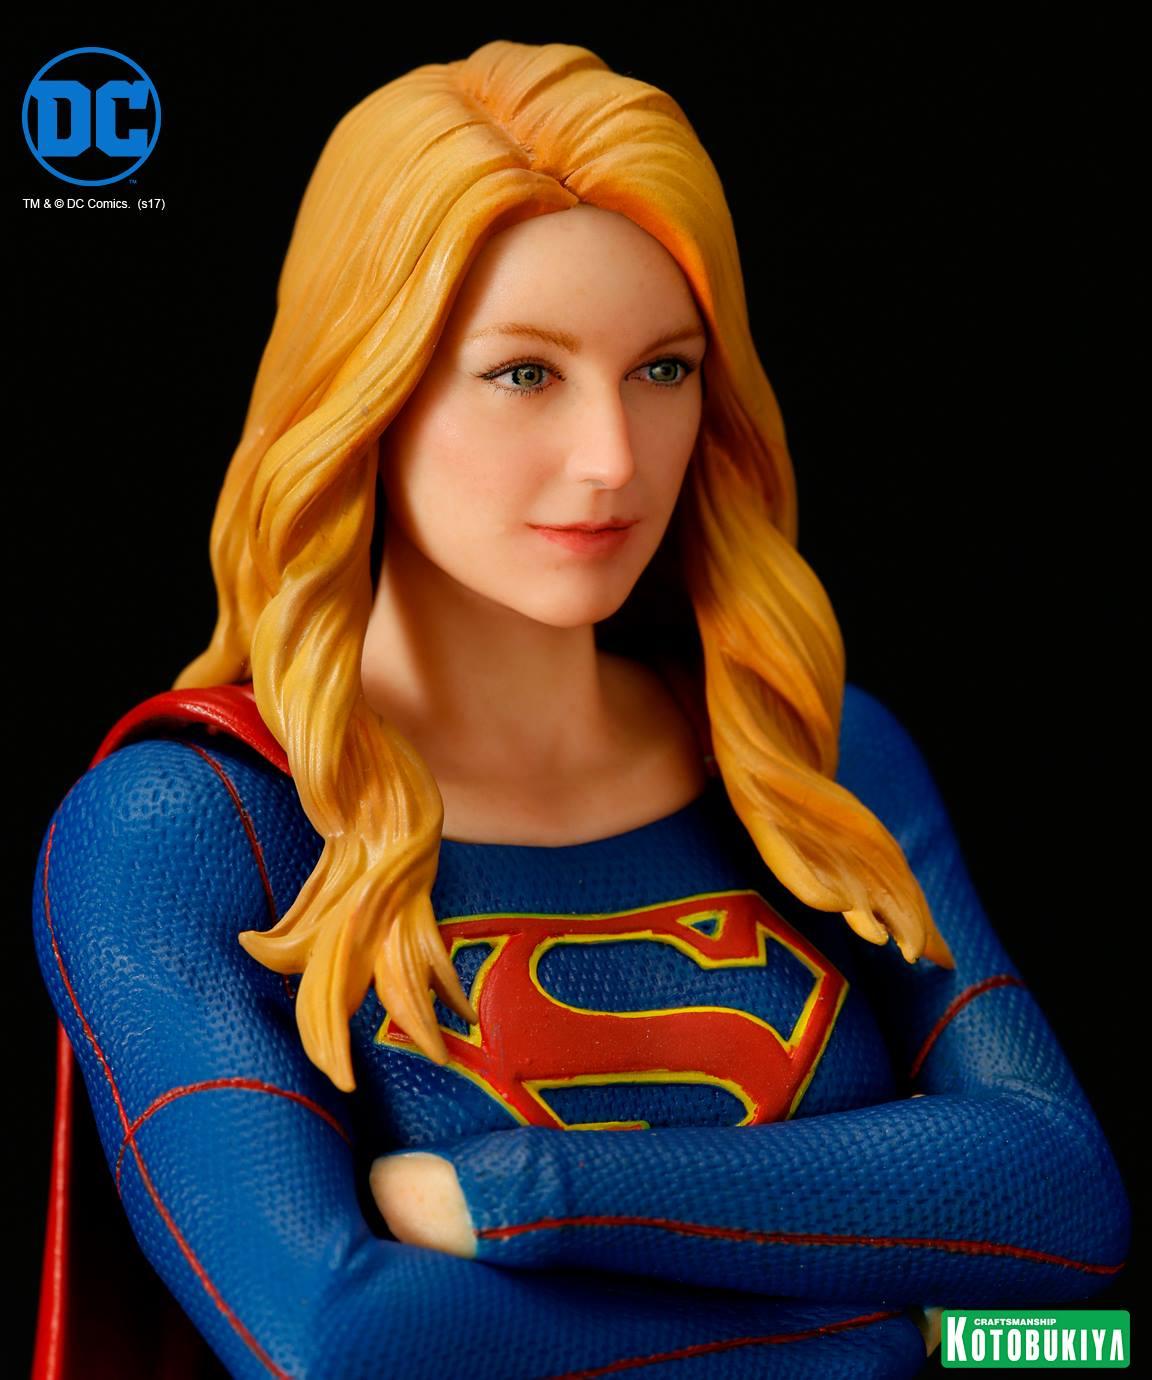 Kotobukiya-Supergirl4